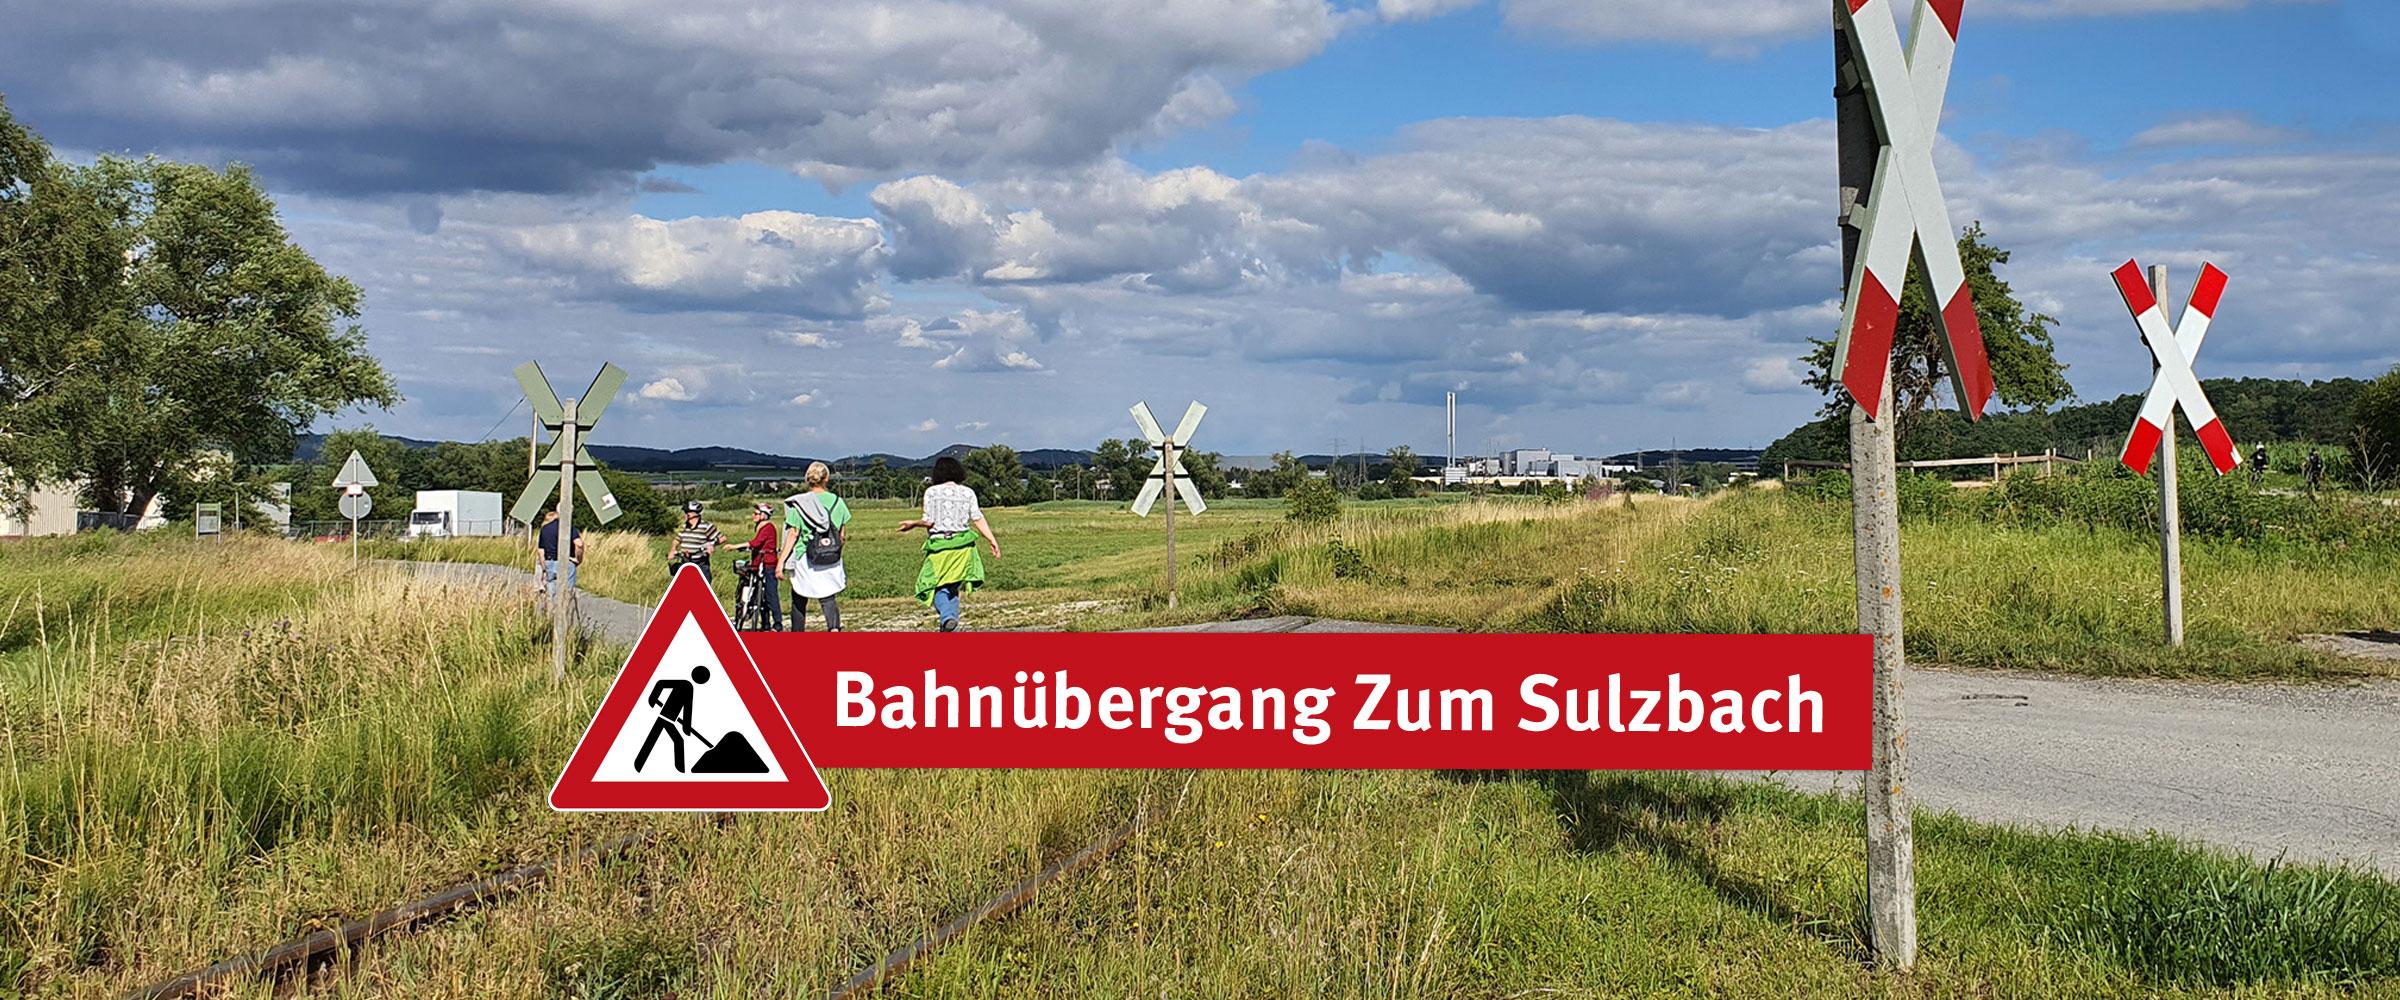 banner_bahnuebergang_zum_sulzbach